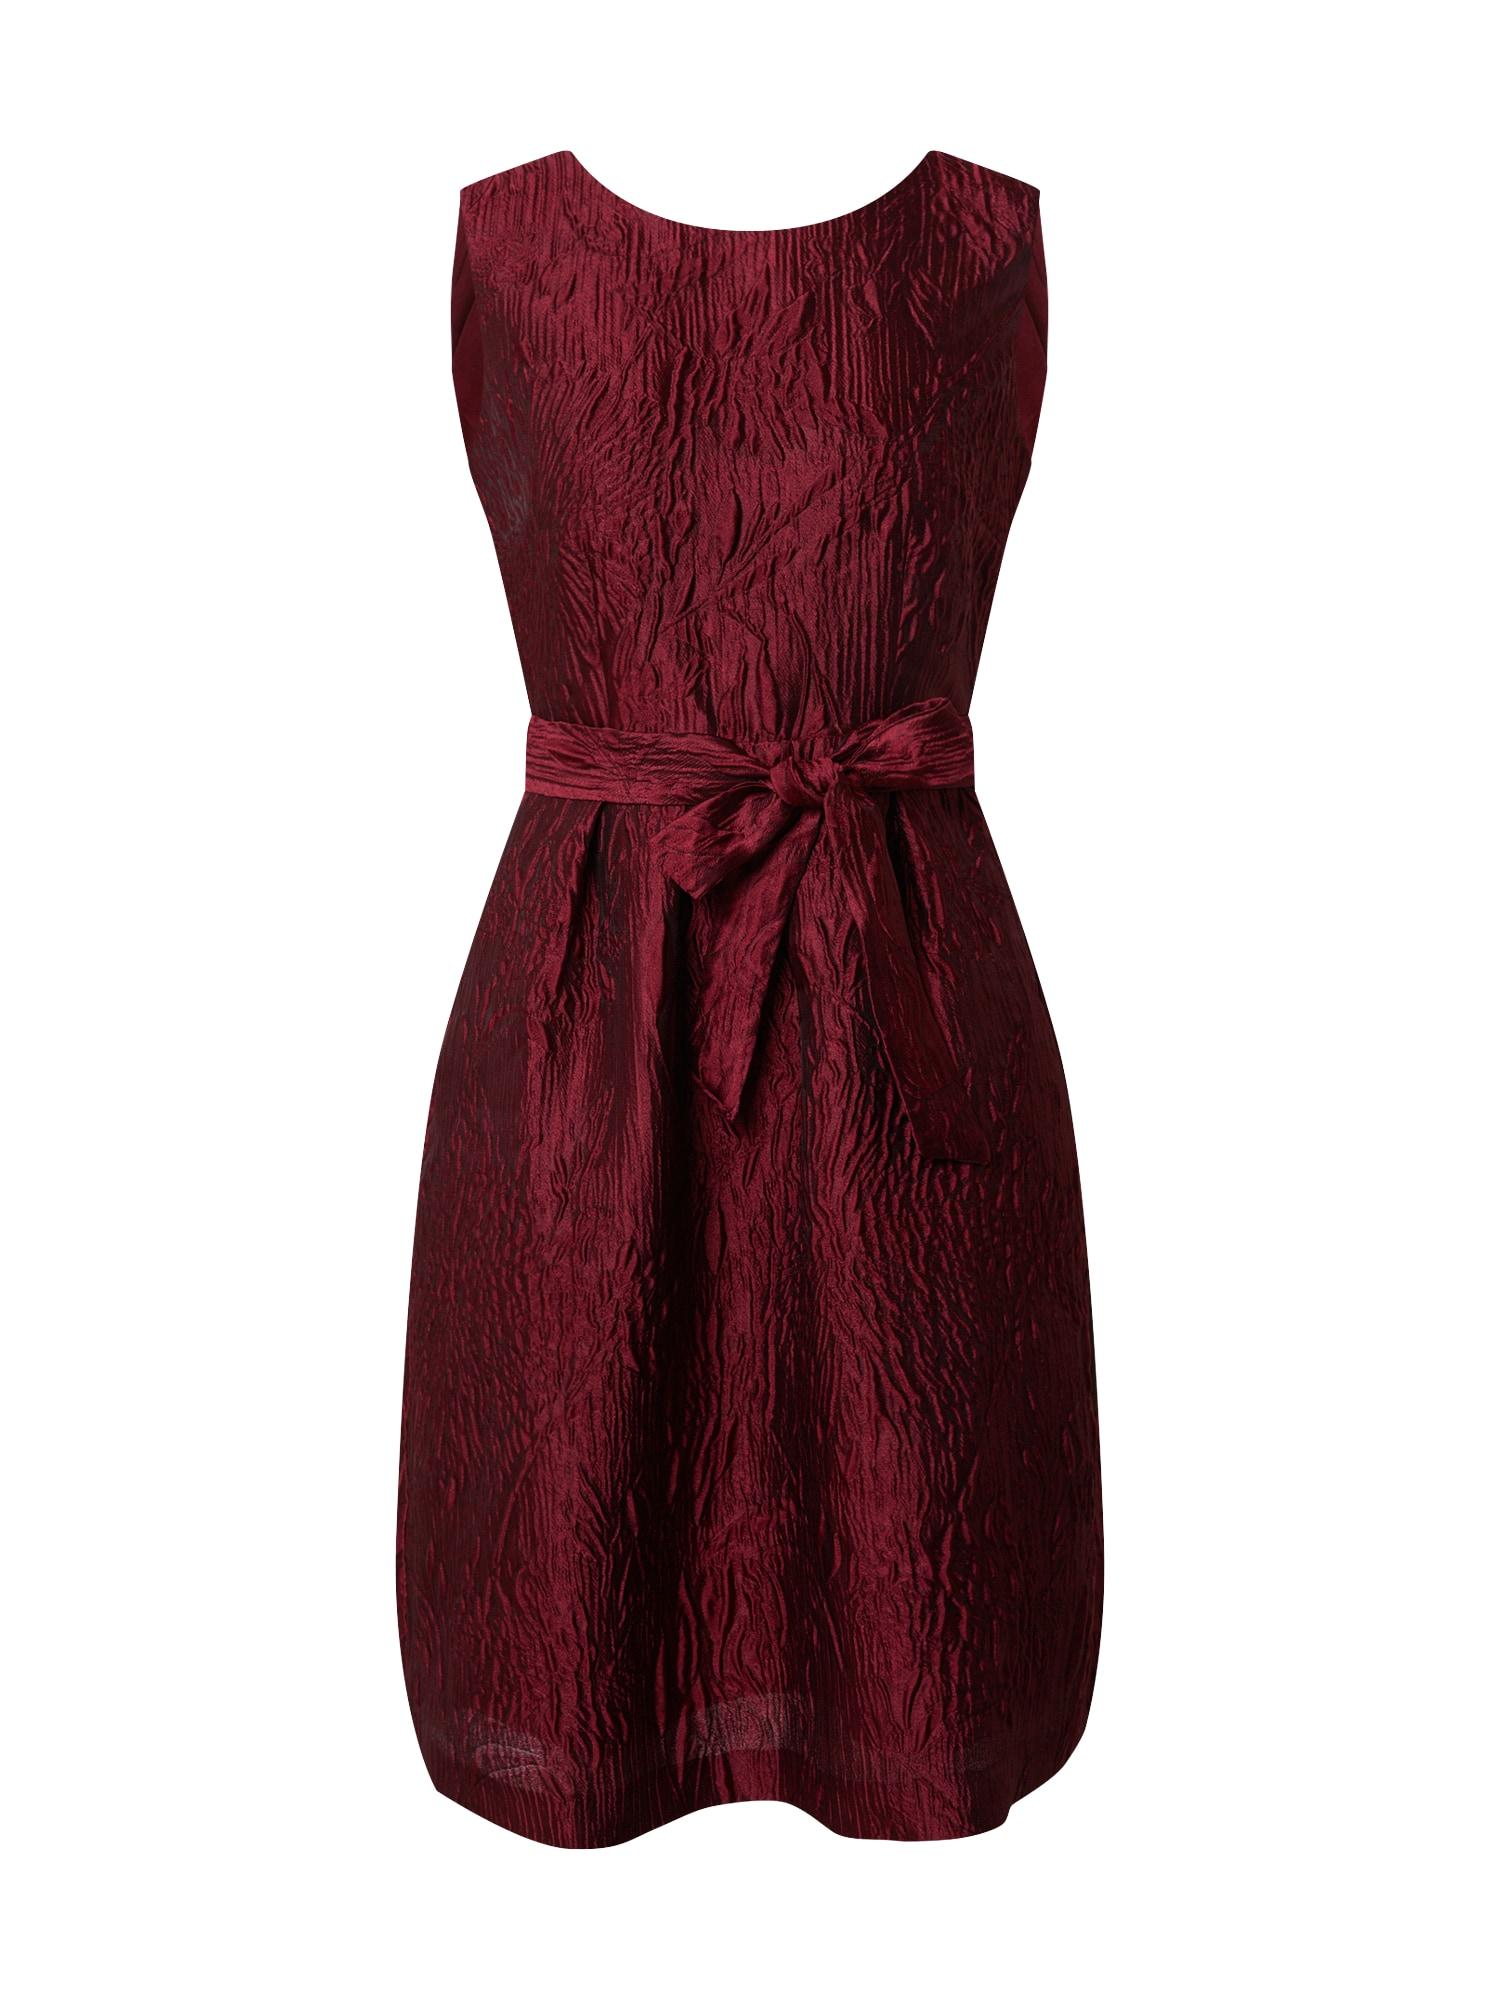 APART Kokteilinė suknelė vyšninė spalva